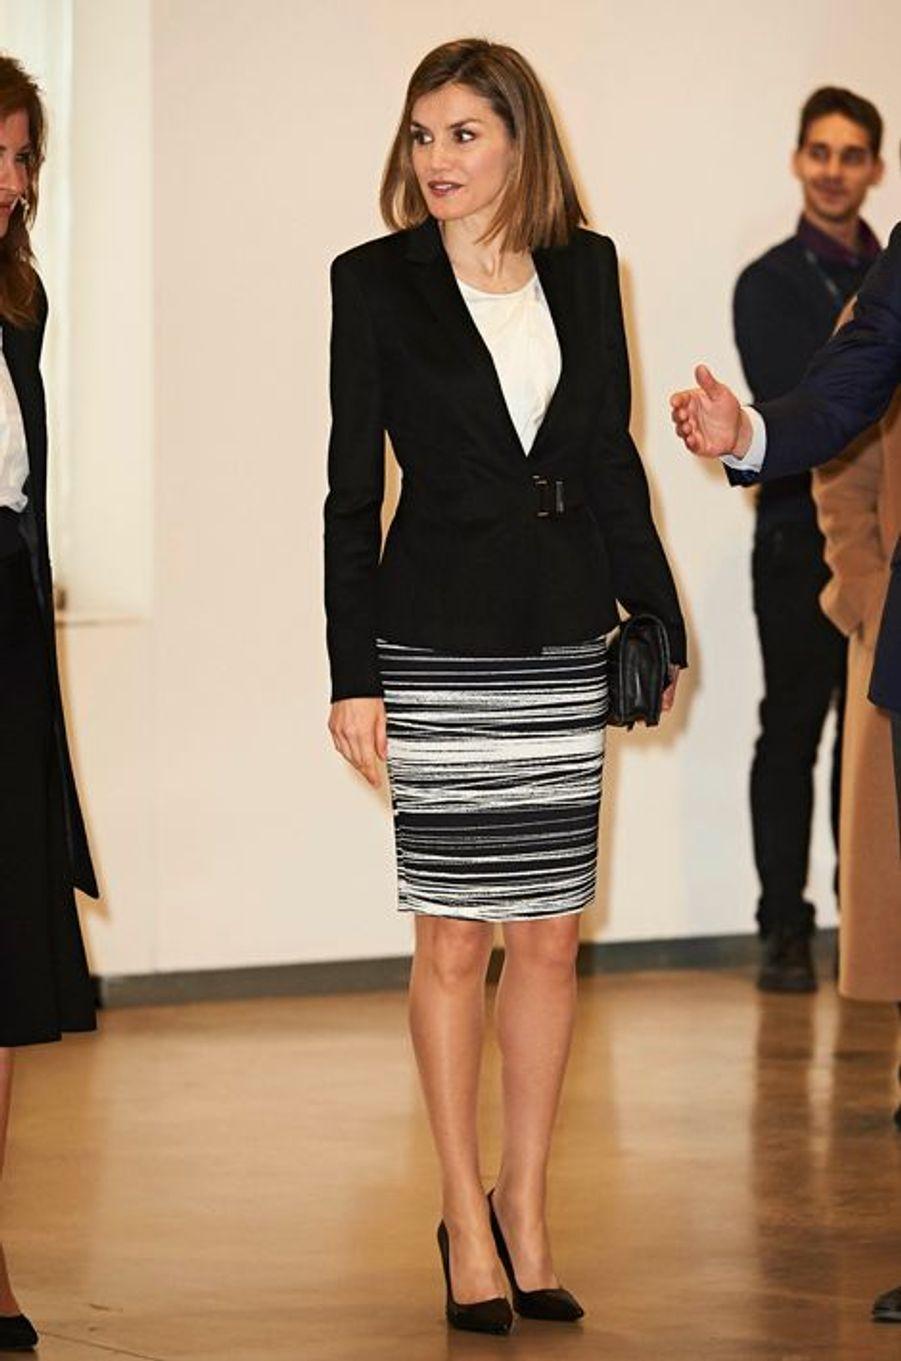 La reine Letizia d'Espagne à Madrid, le 3 février 2016